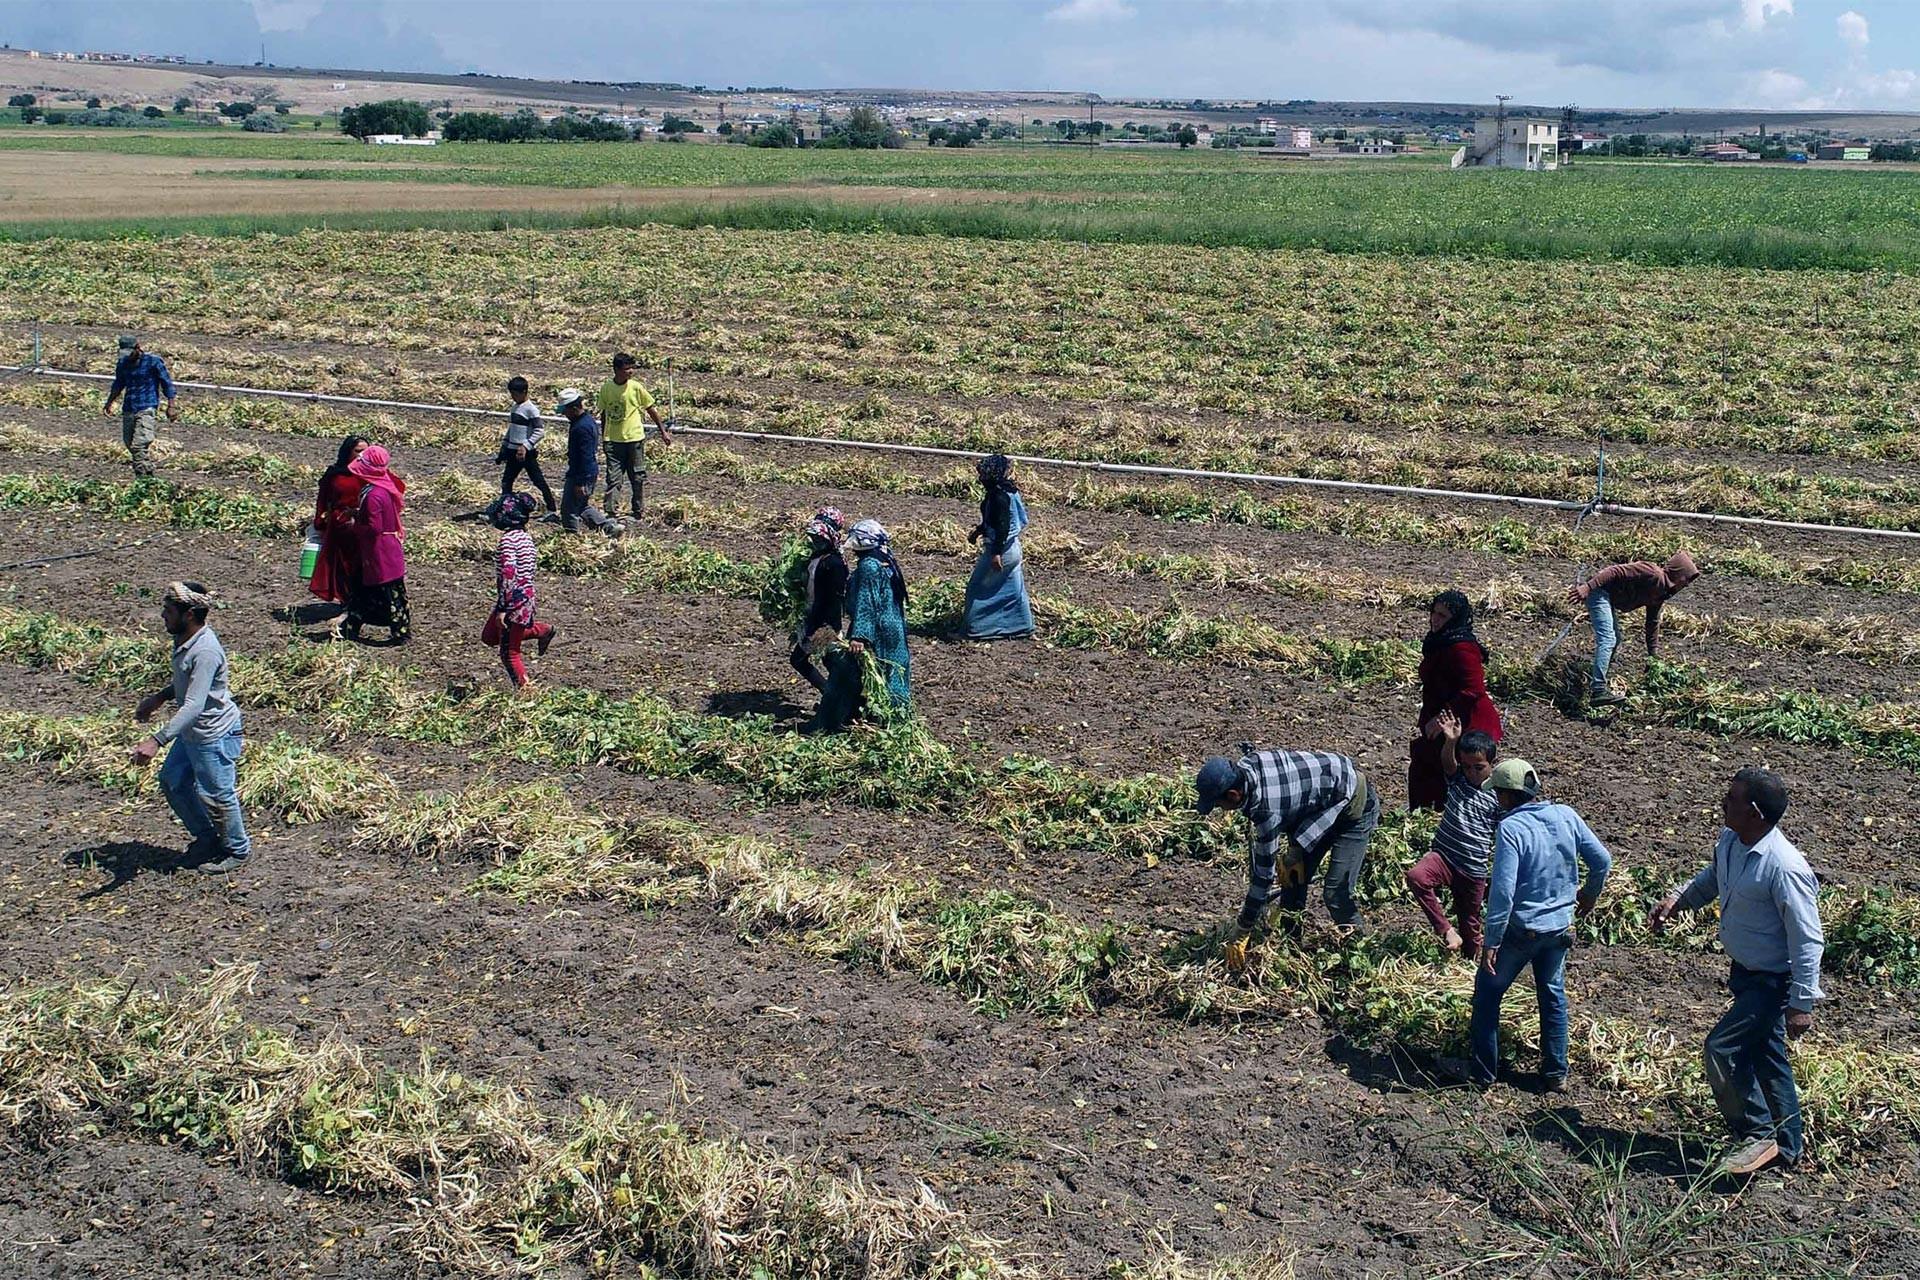 Tarım işçileri 70 lira yevmiye için zorlu koşullarda çalışmaya mahkum!